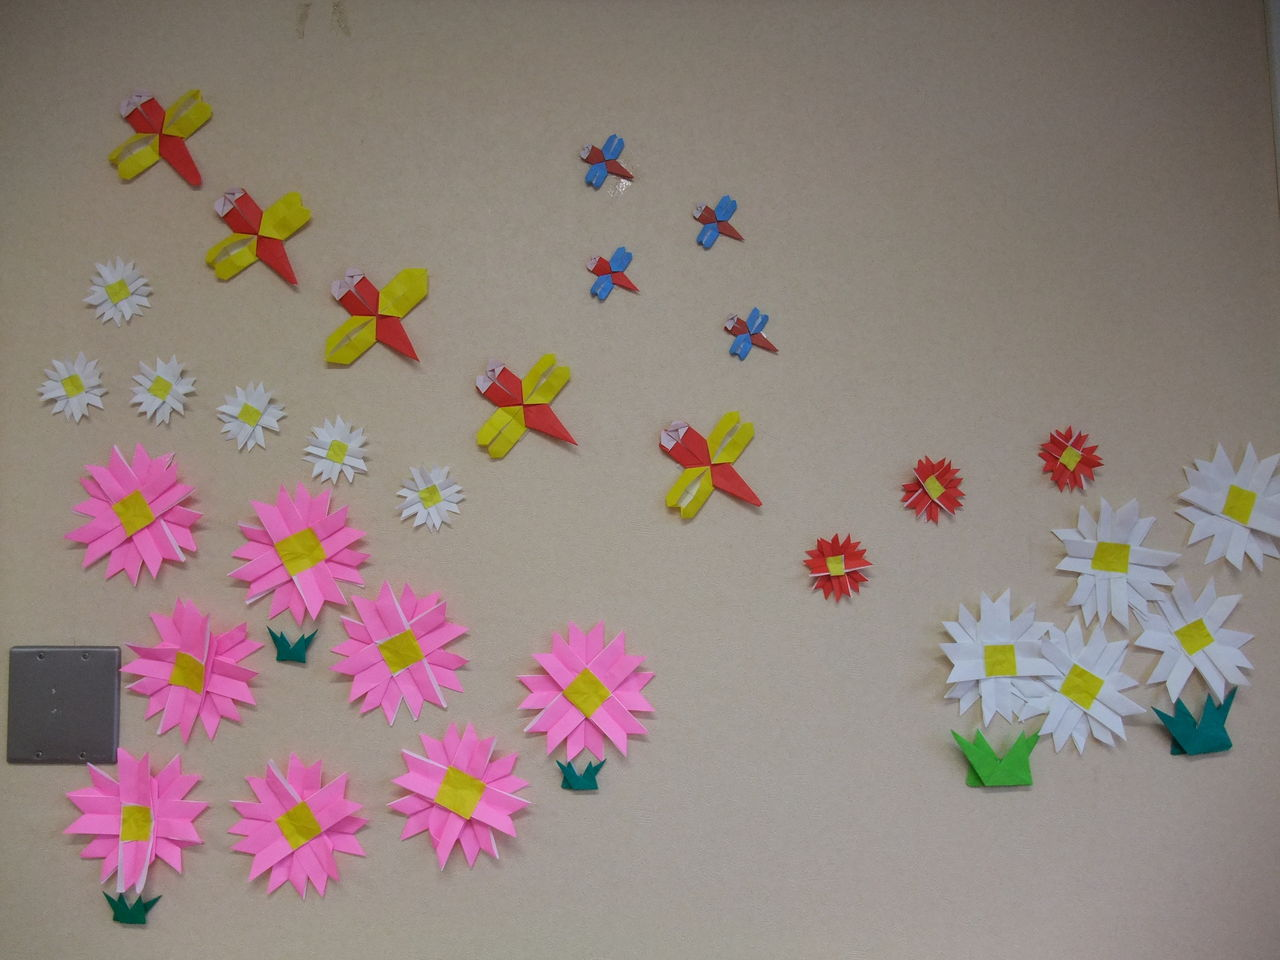 すべての折り紙 折り紙 9月 : 小規模多機能「ひねもす」日記 ...